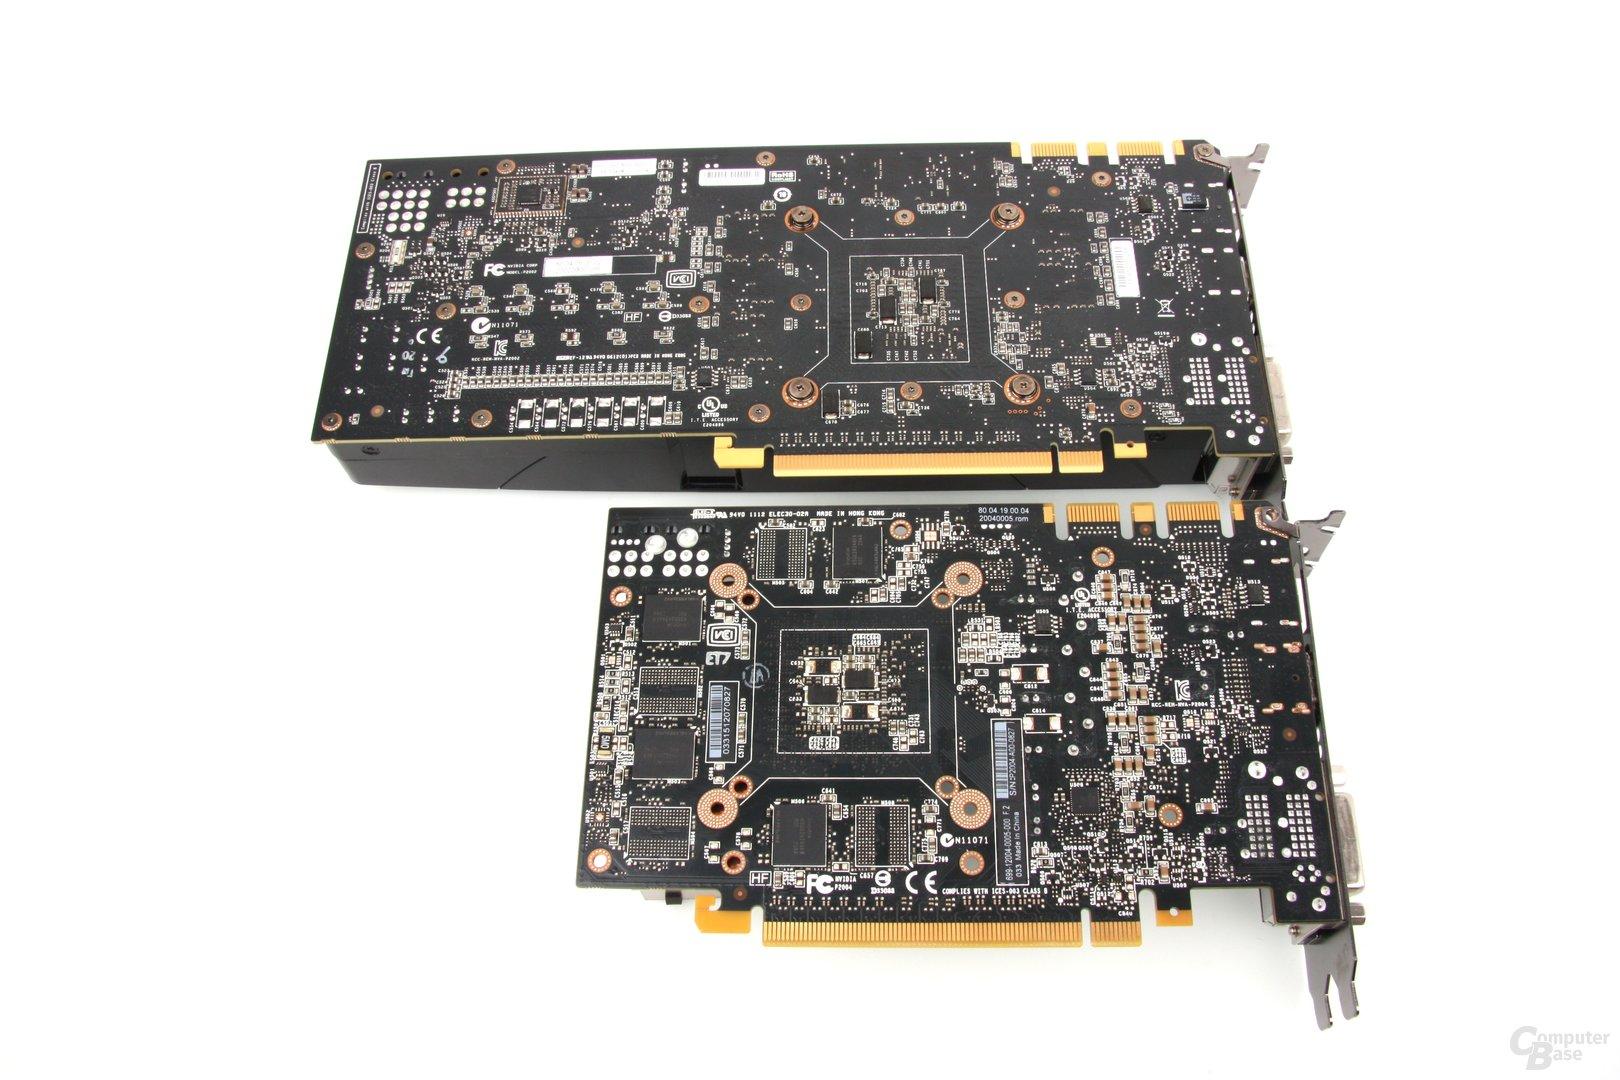 GTX 680 (oben) und GTX 670 (unten) Rückseite